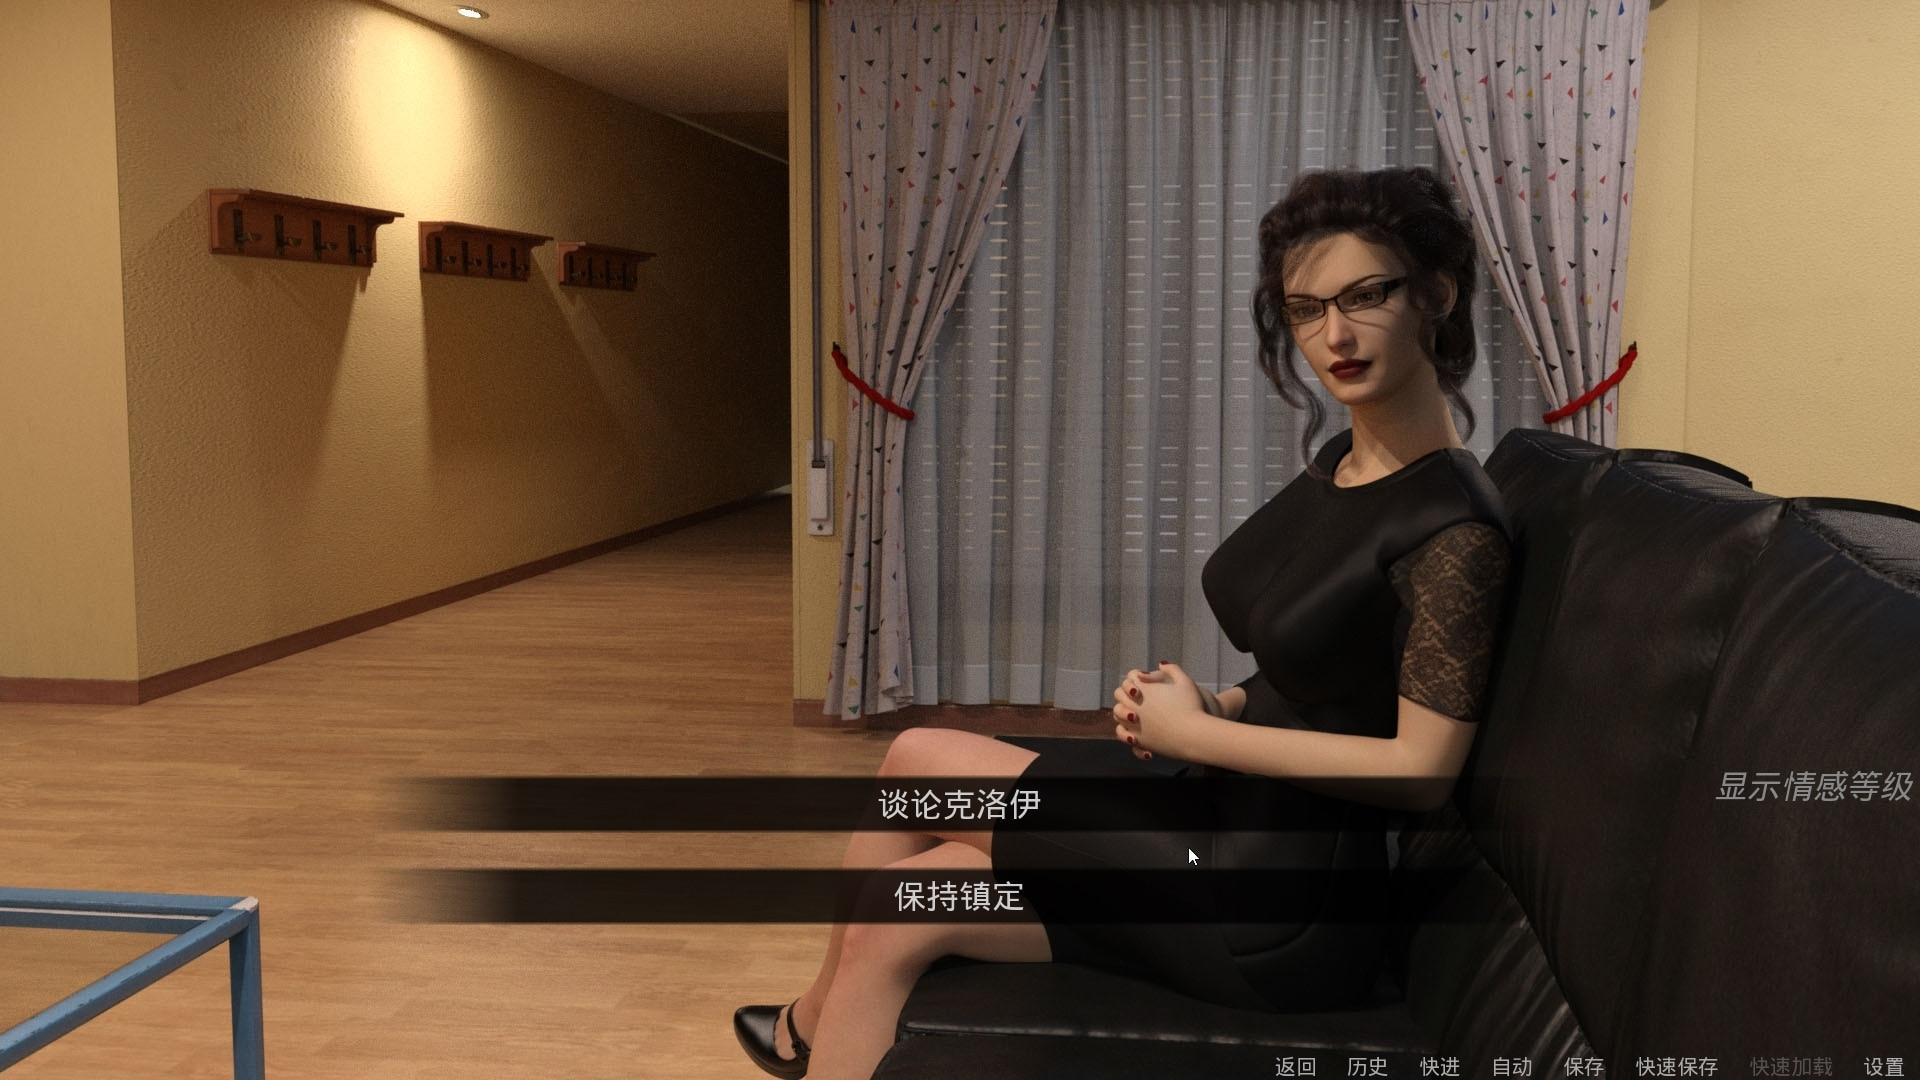 母亲的爱 精翻汉化版 PC+安卓 更新第9章